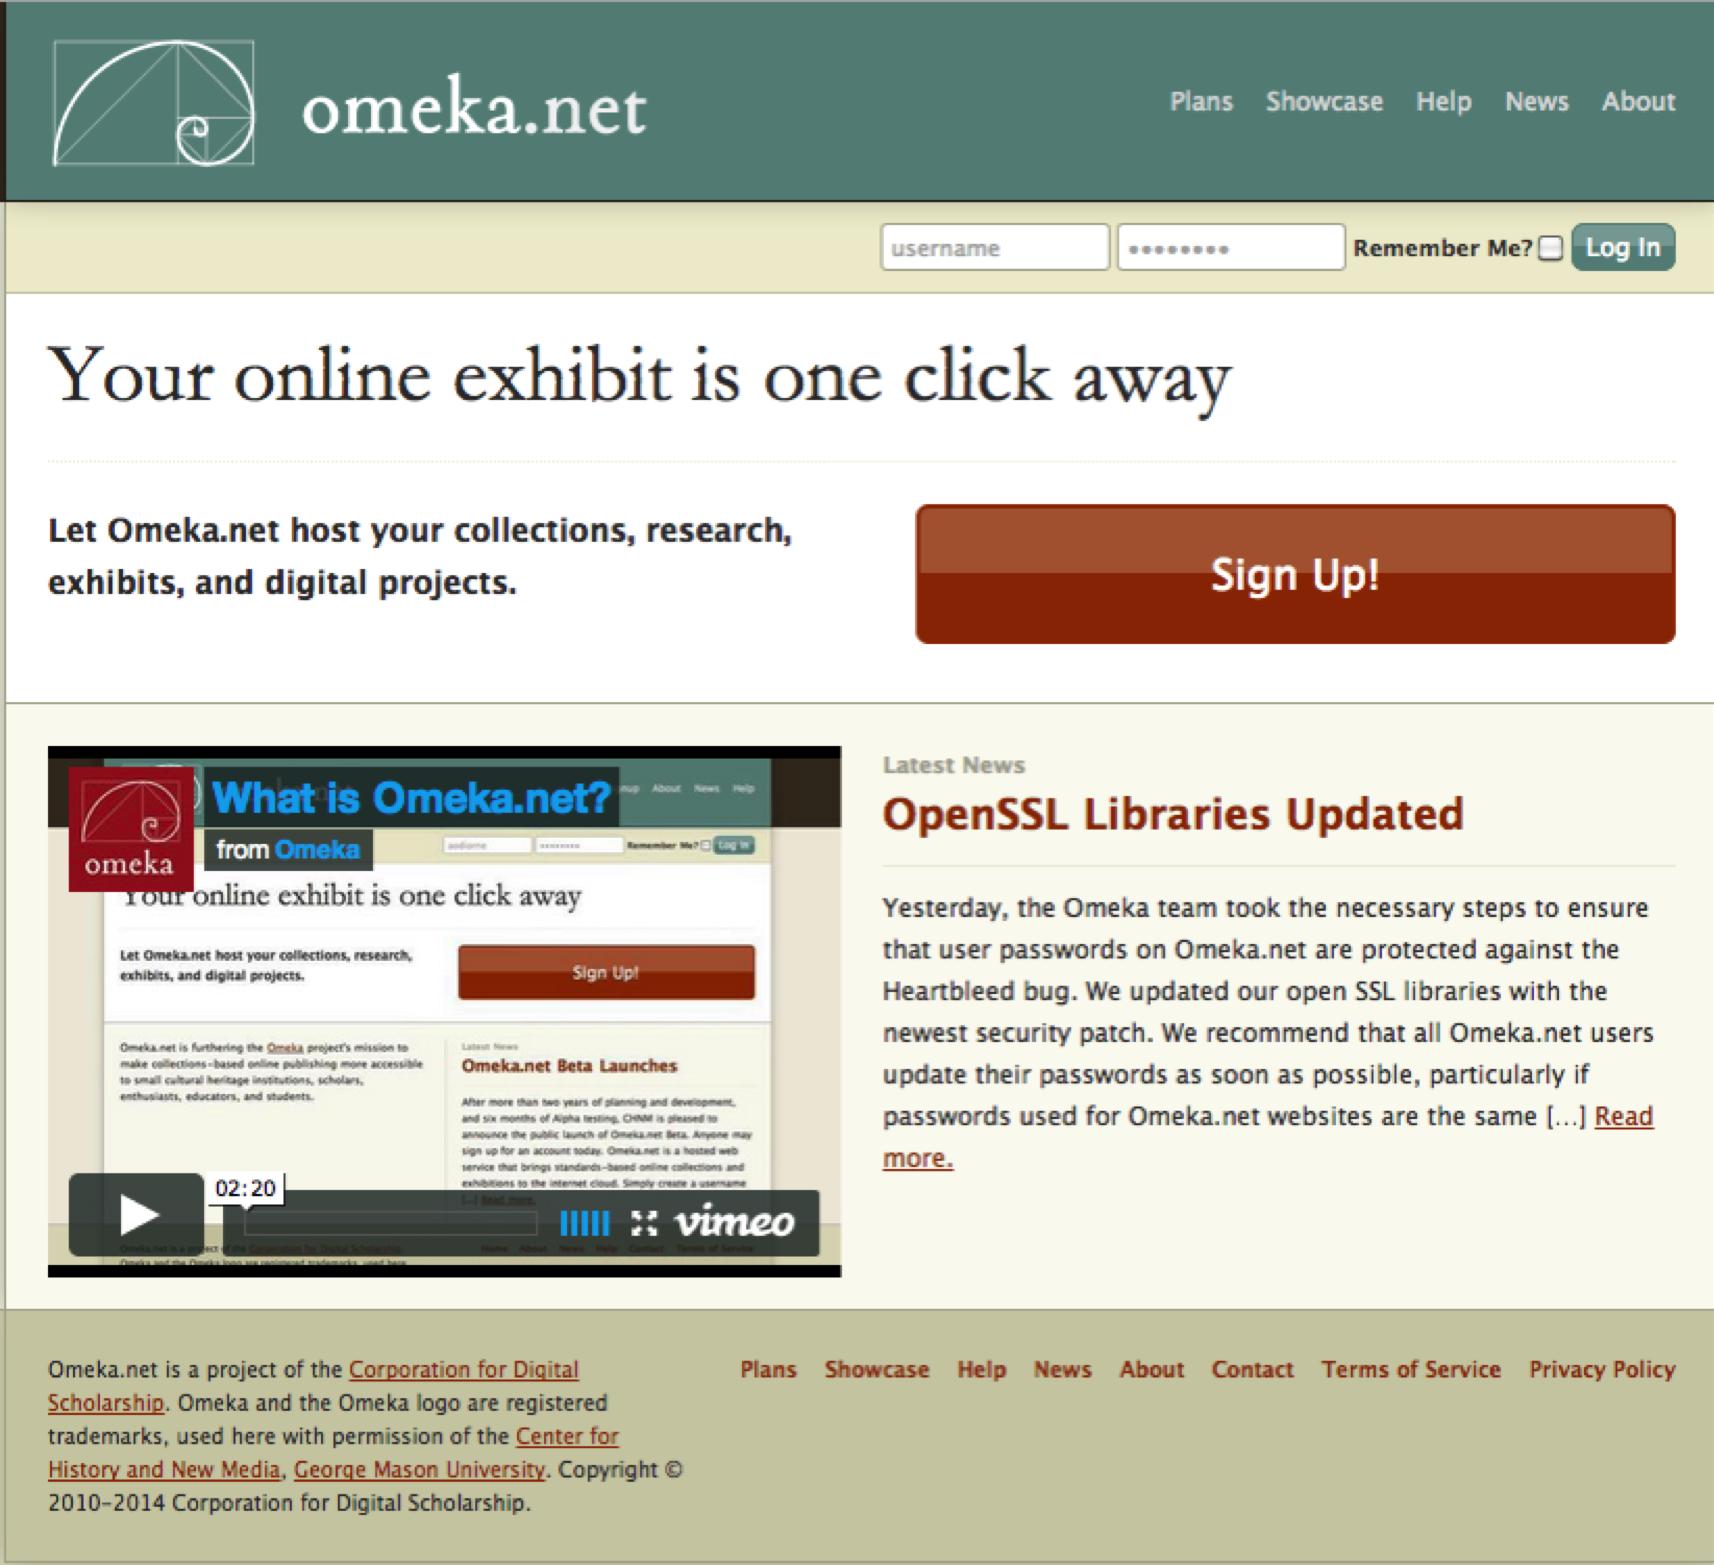 Screenshot of Omeka.net website